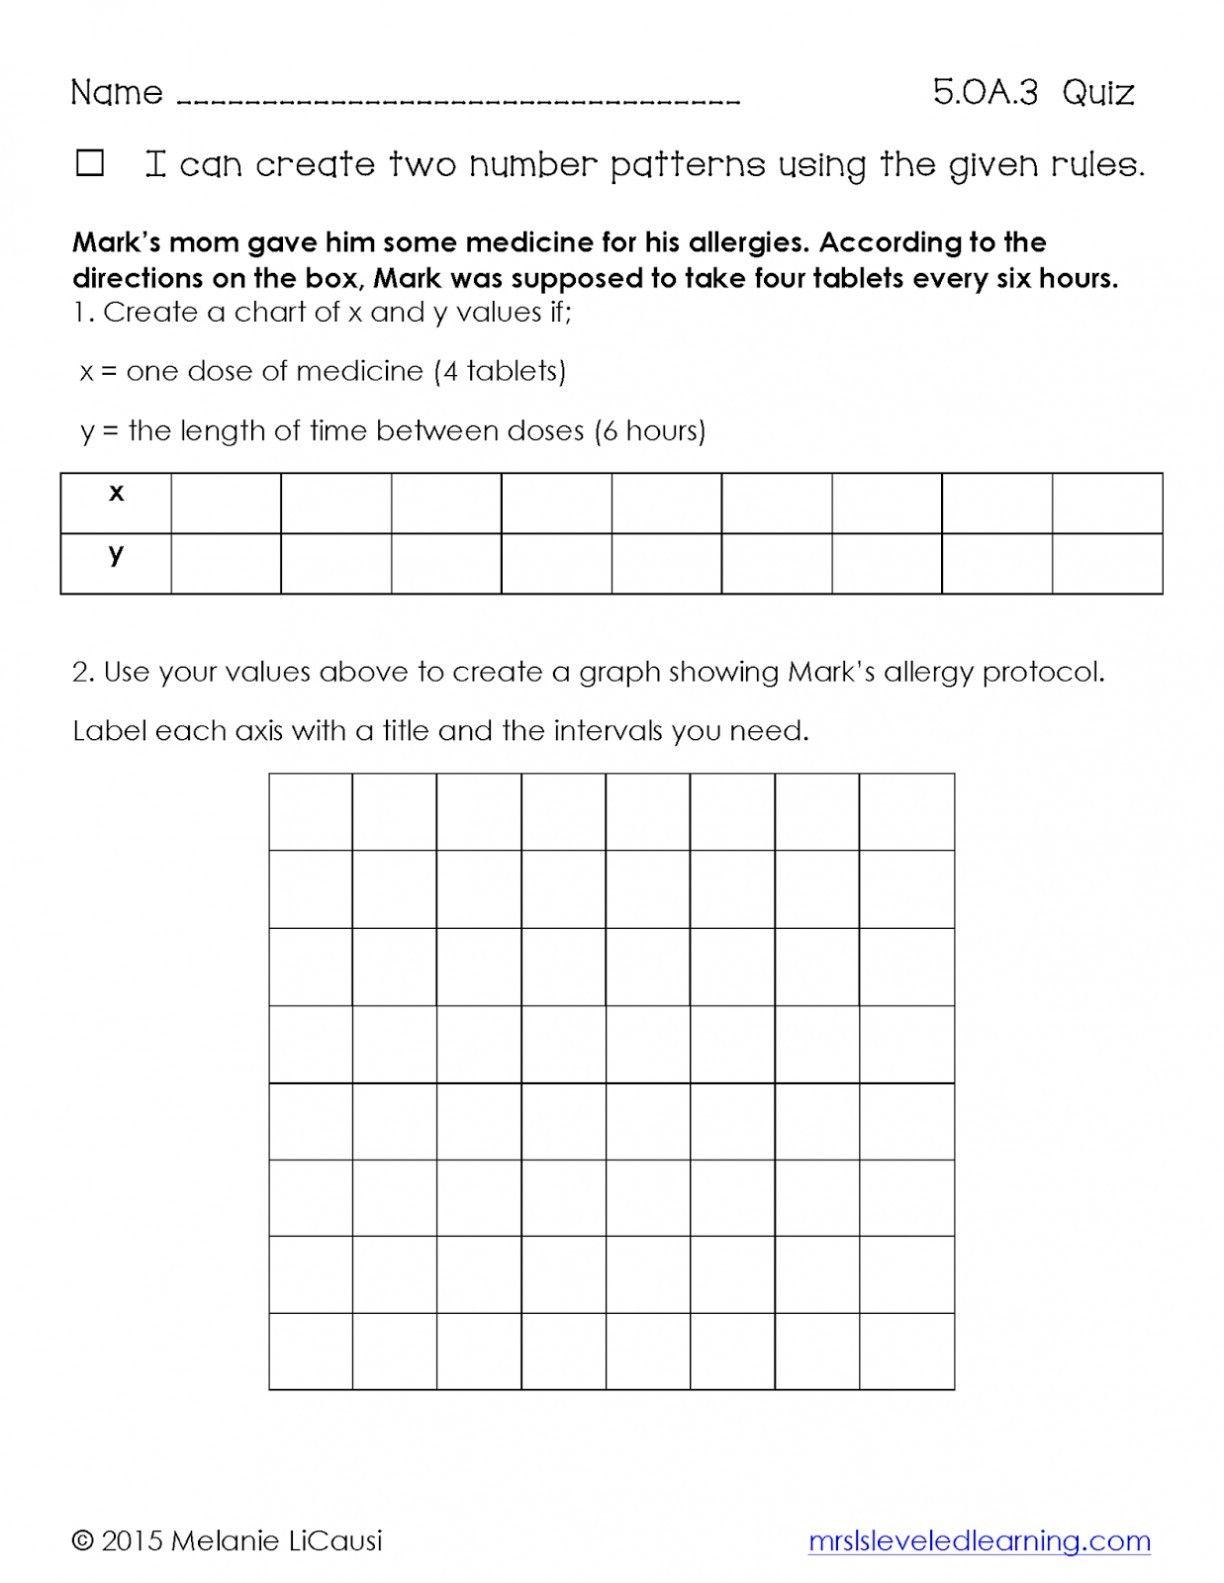 37 Simple Common Core Math Worksheets Ideas Https Bacamajalah Com 37 Simple Common Super Teacher Worksheets Relationship Worksheets Teacher Worksheets Math